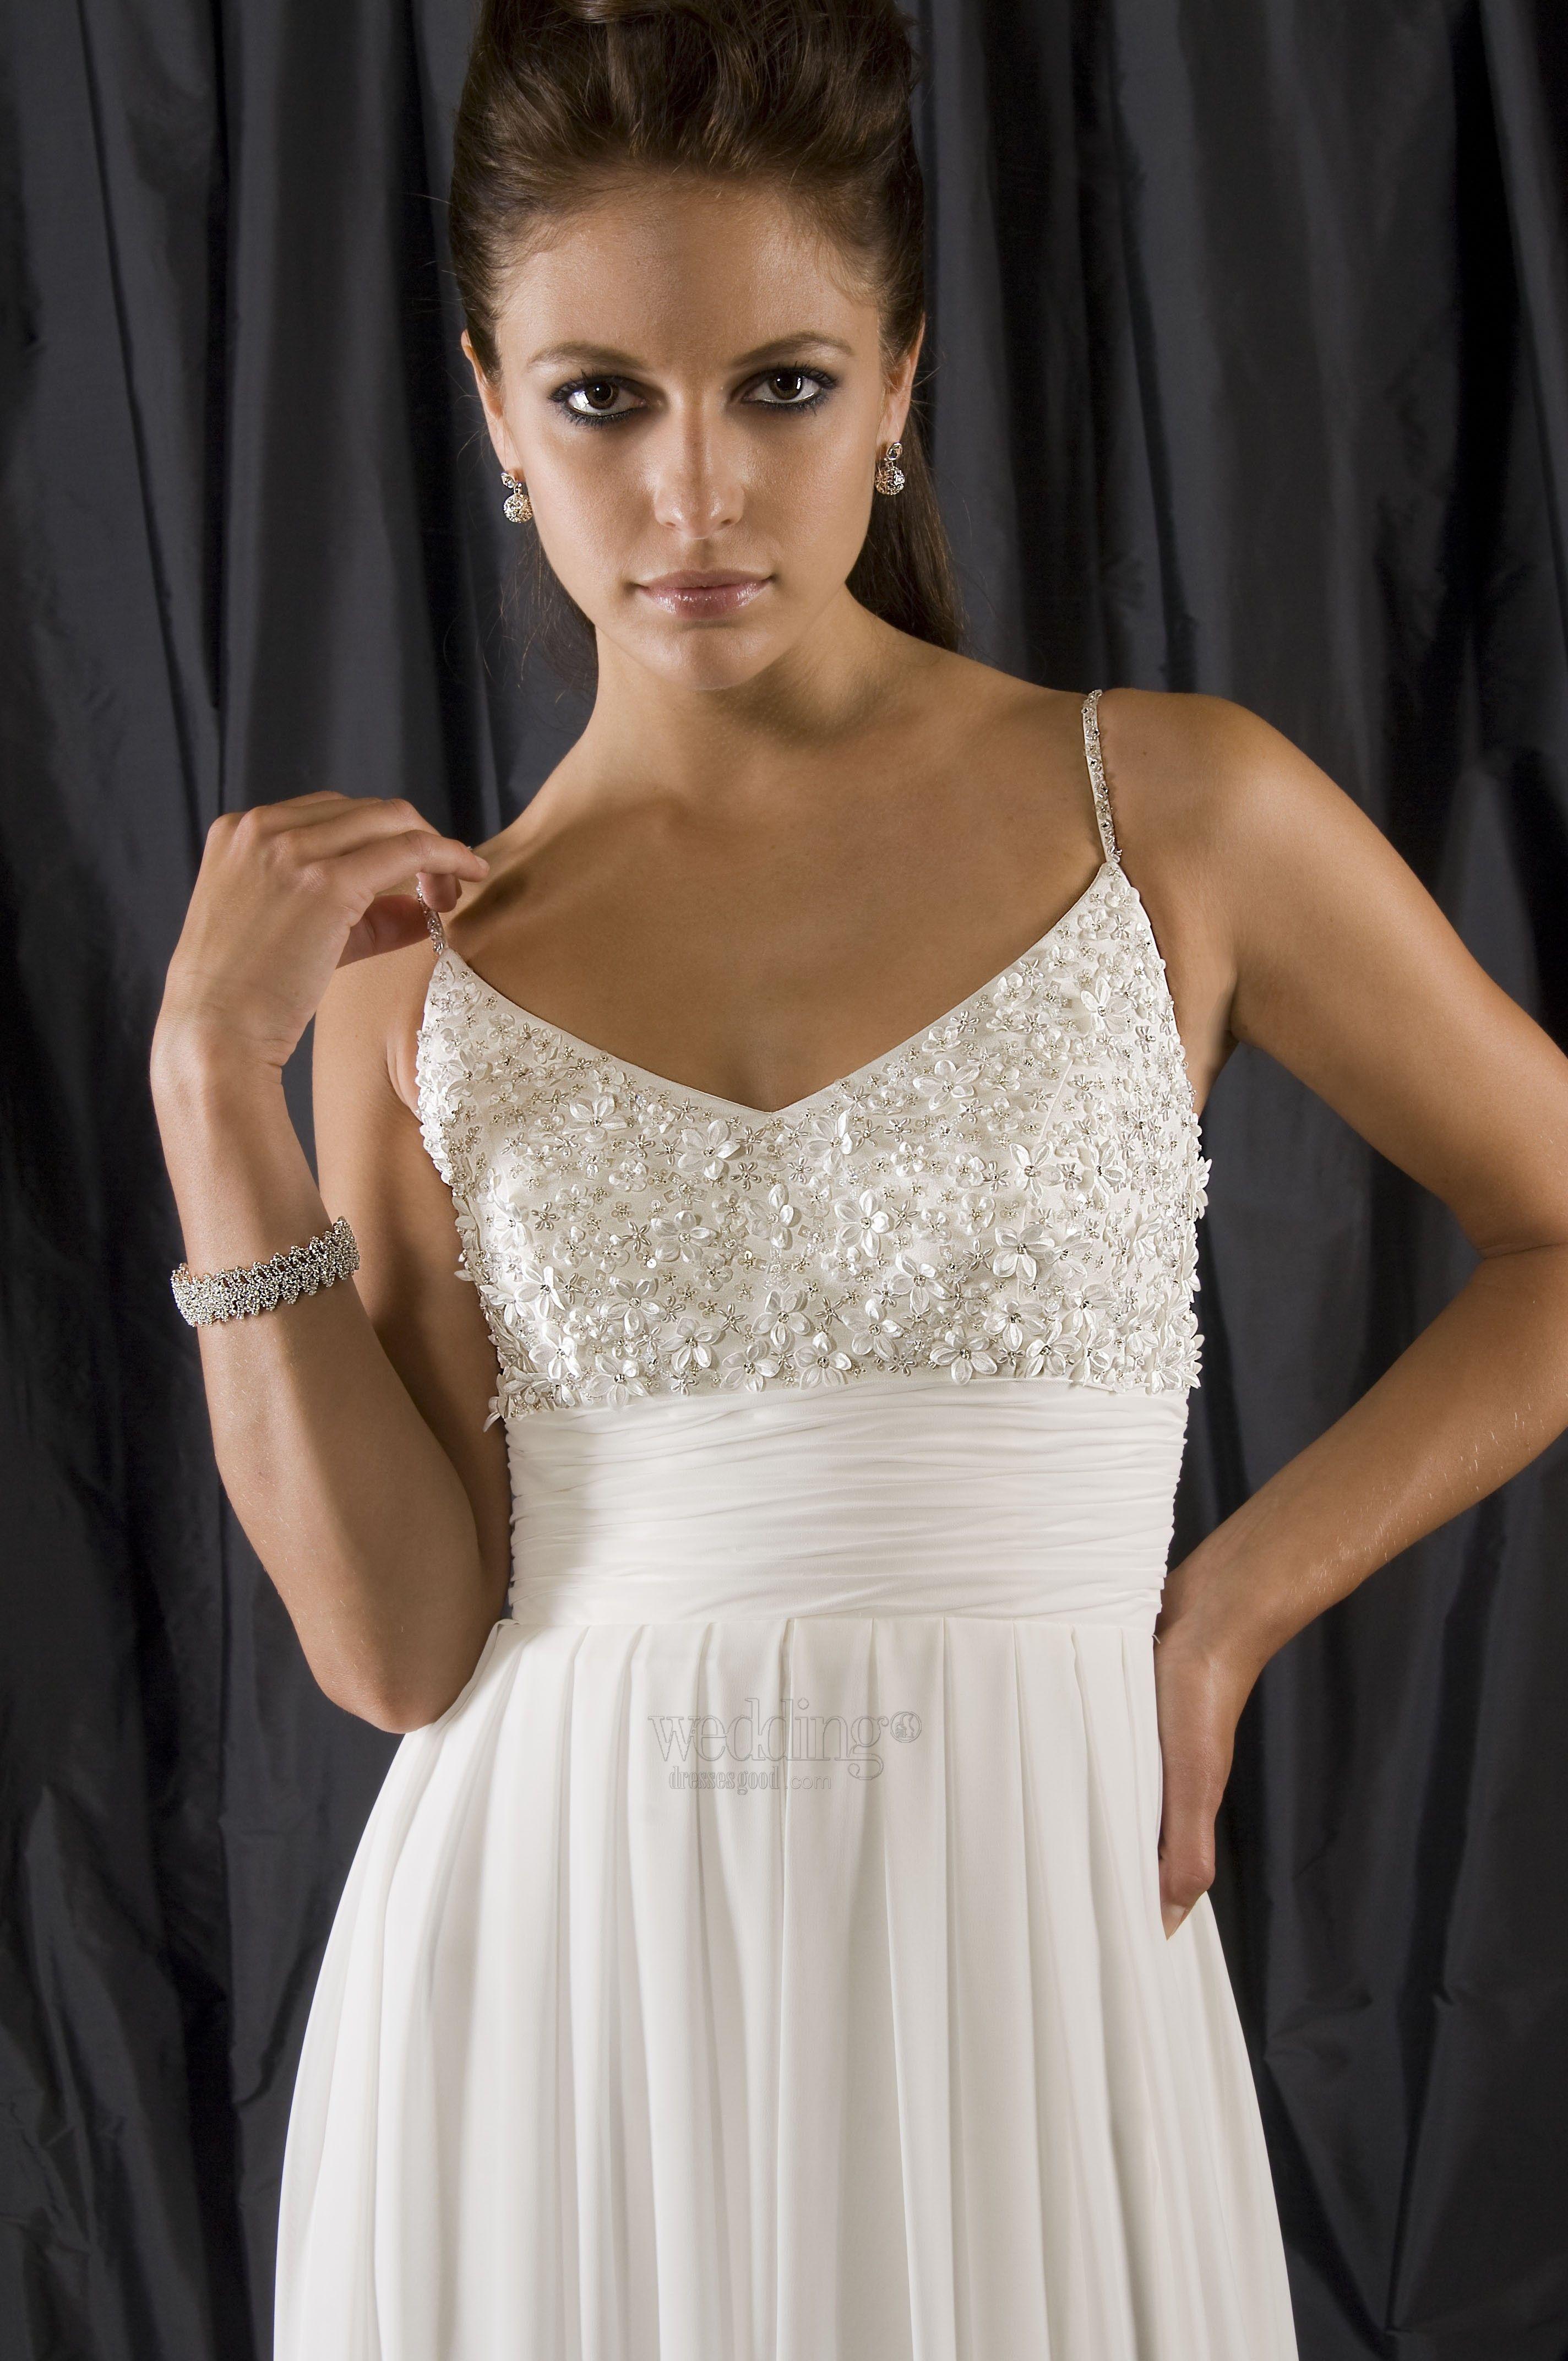 ef84d589e2 Consignment Shop Prom Dresses Near Me - Gomes Weine AG